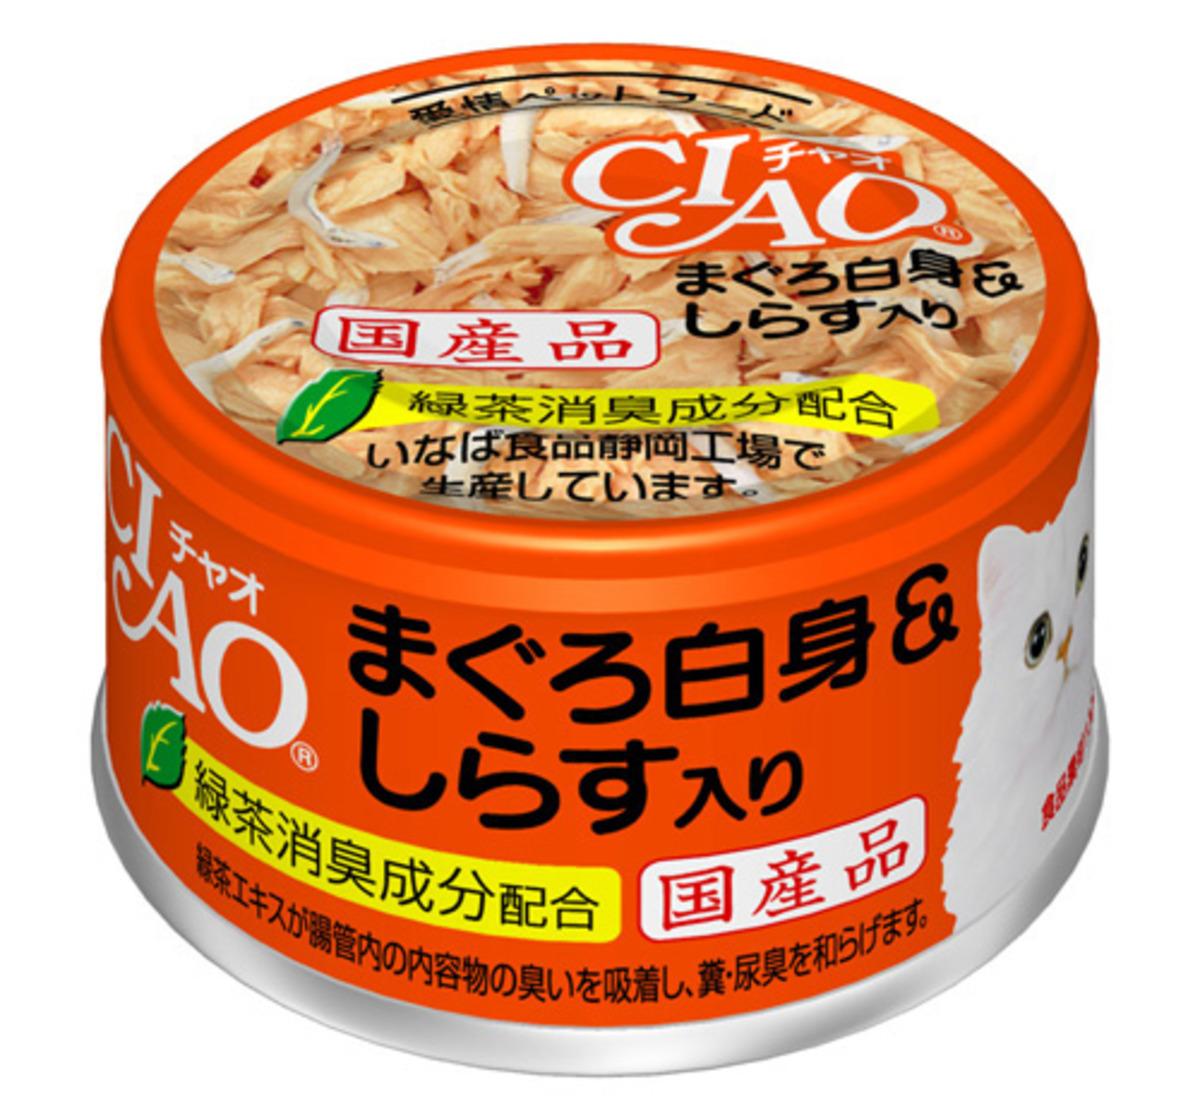 白身魚(吞拿魚+鰹魚+雞肉) 白飯魚仔入